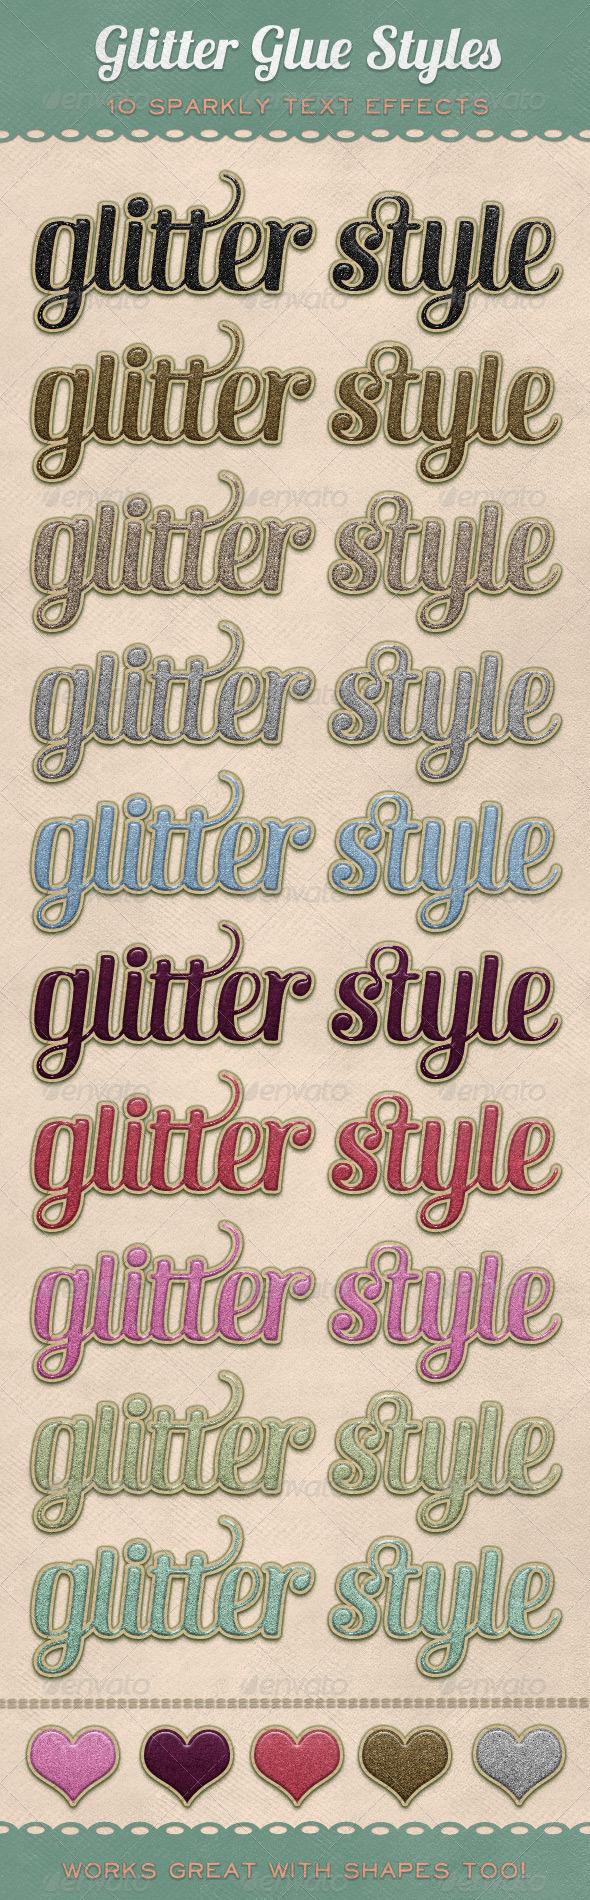 GraphicRiver Glitter Glue Styles 309217